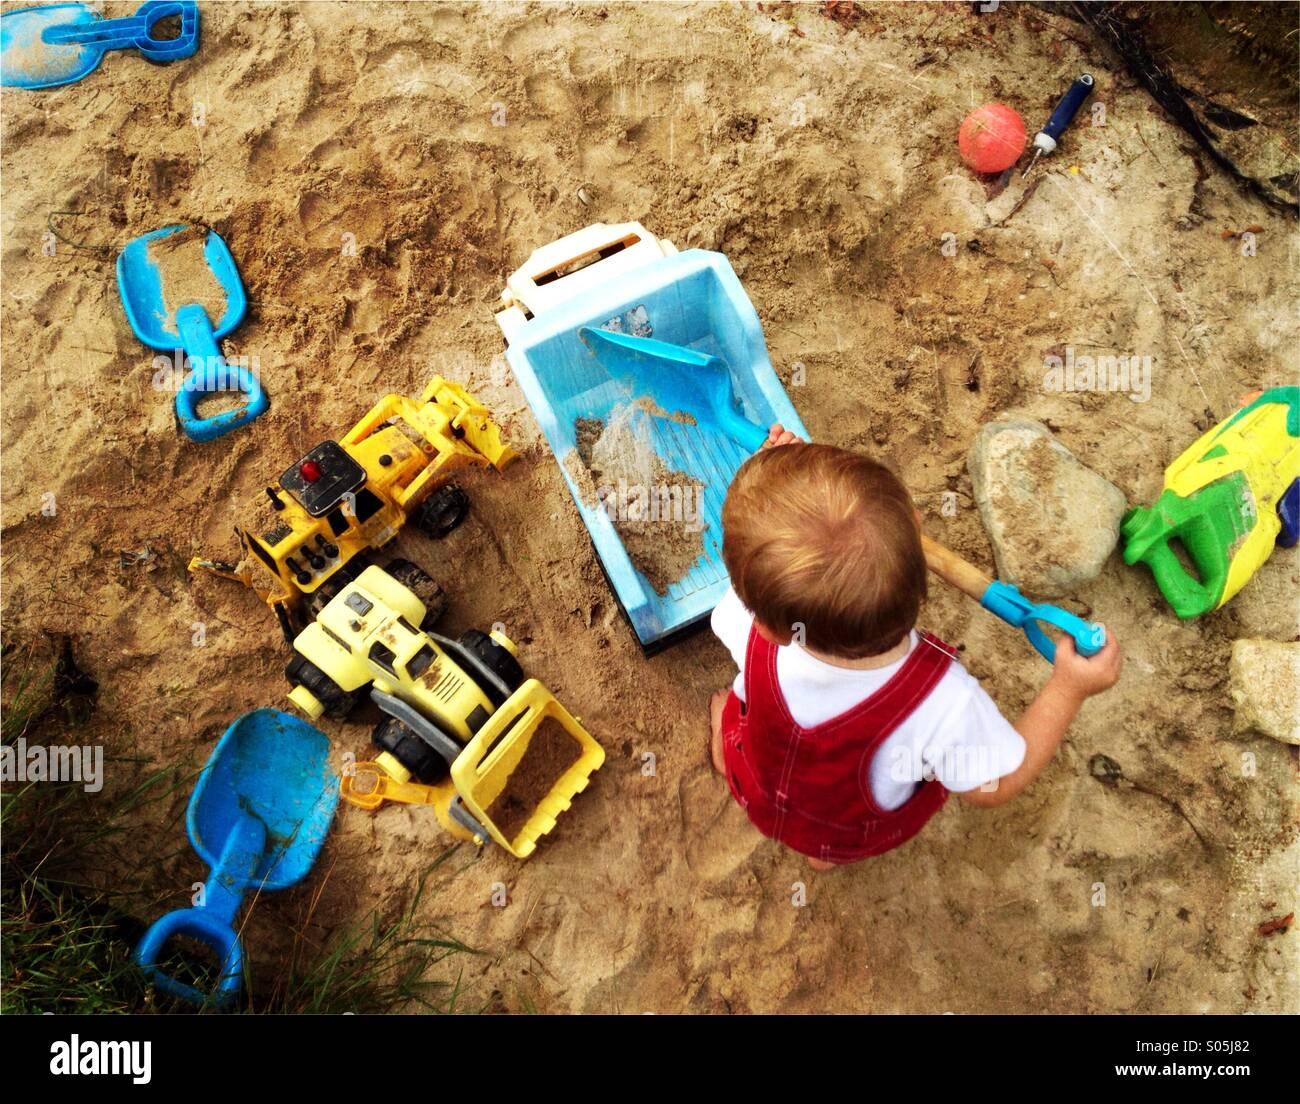 Il Toddler boy gioca con una pala e carrelli in una sandbox di grandi dimensioni. Immagini Stock